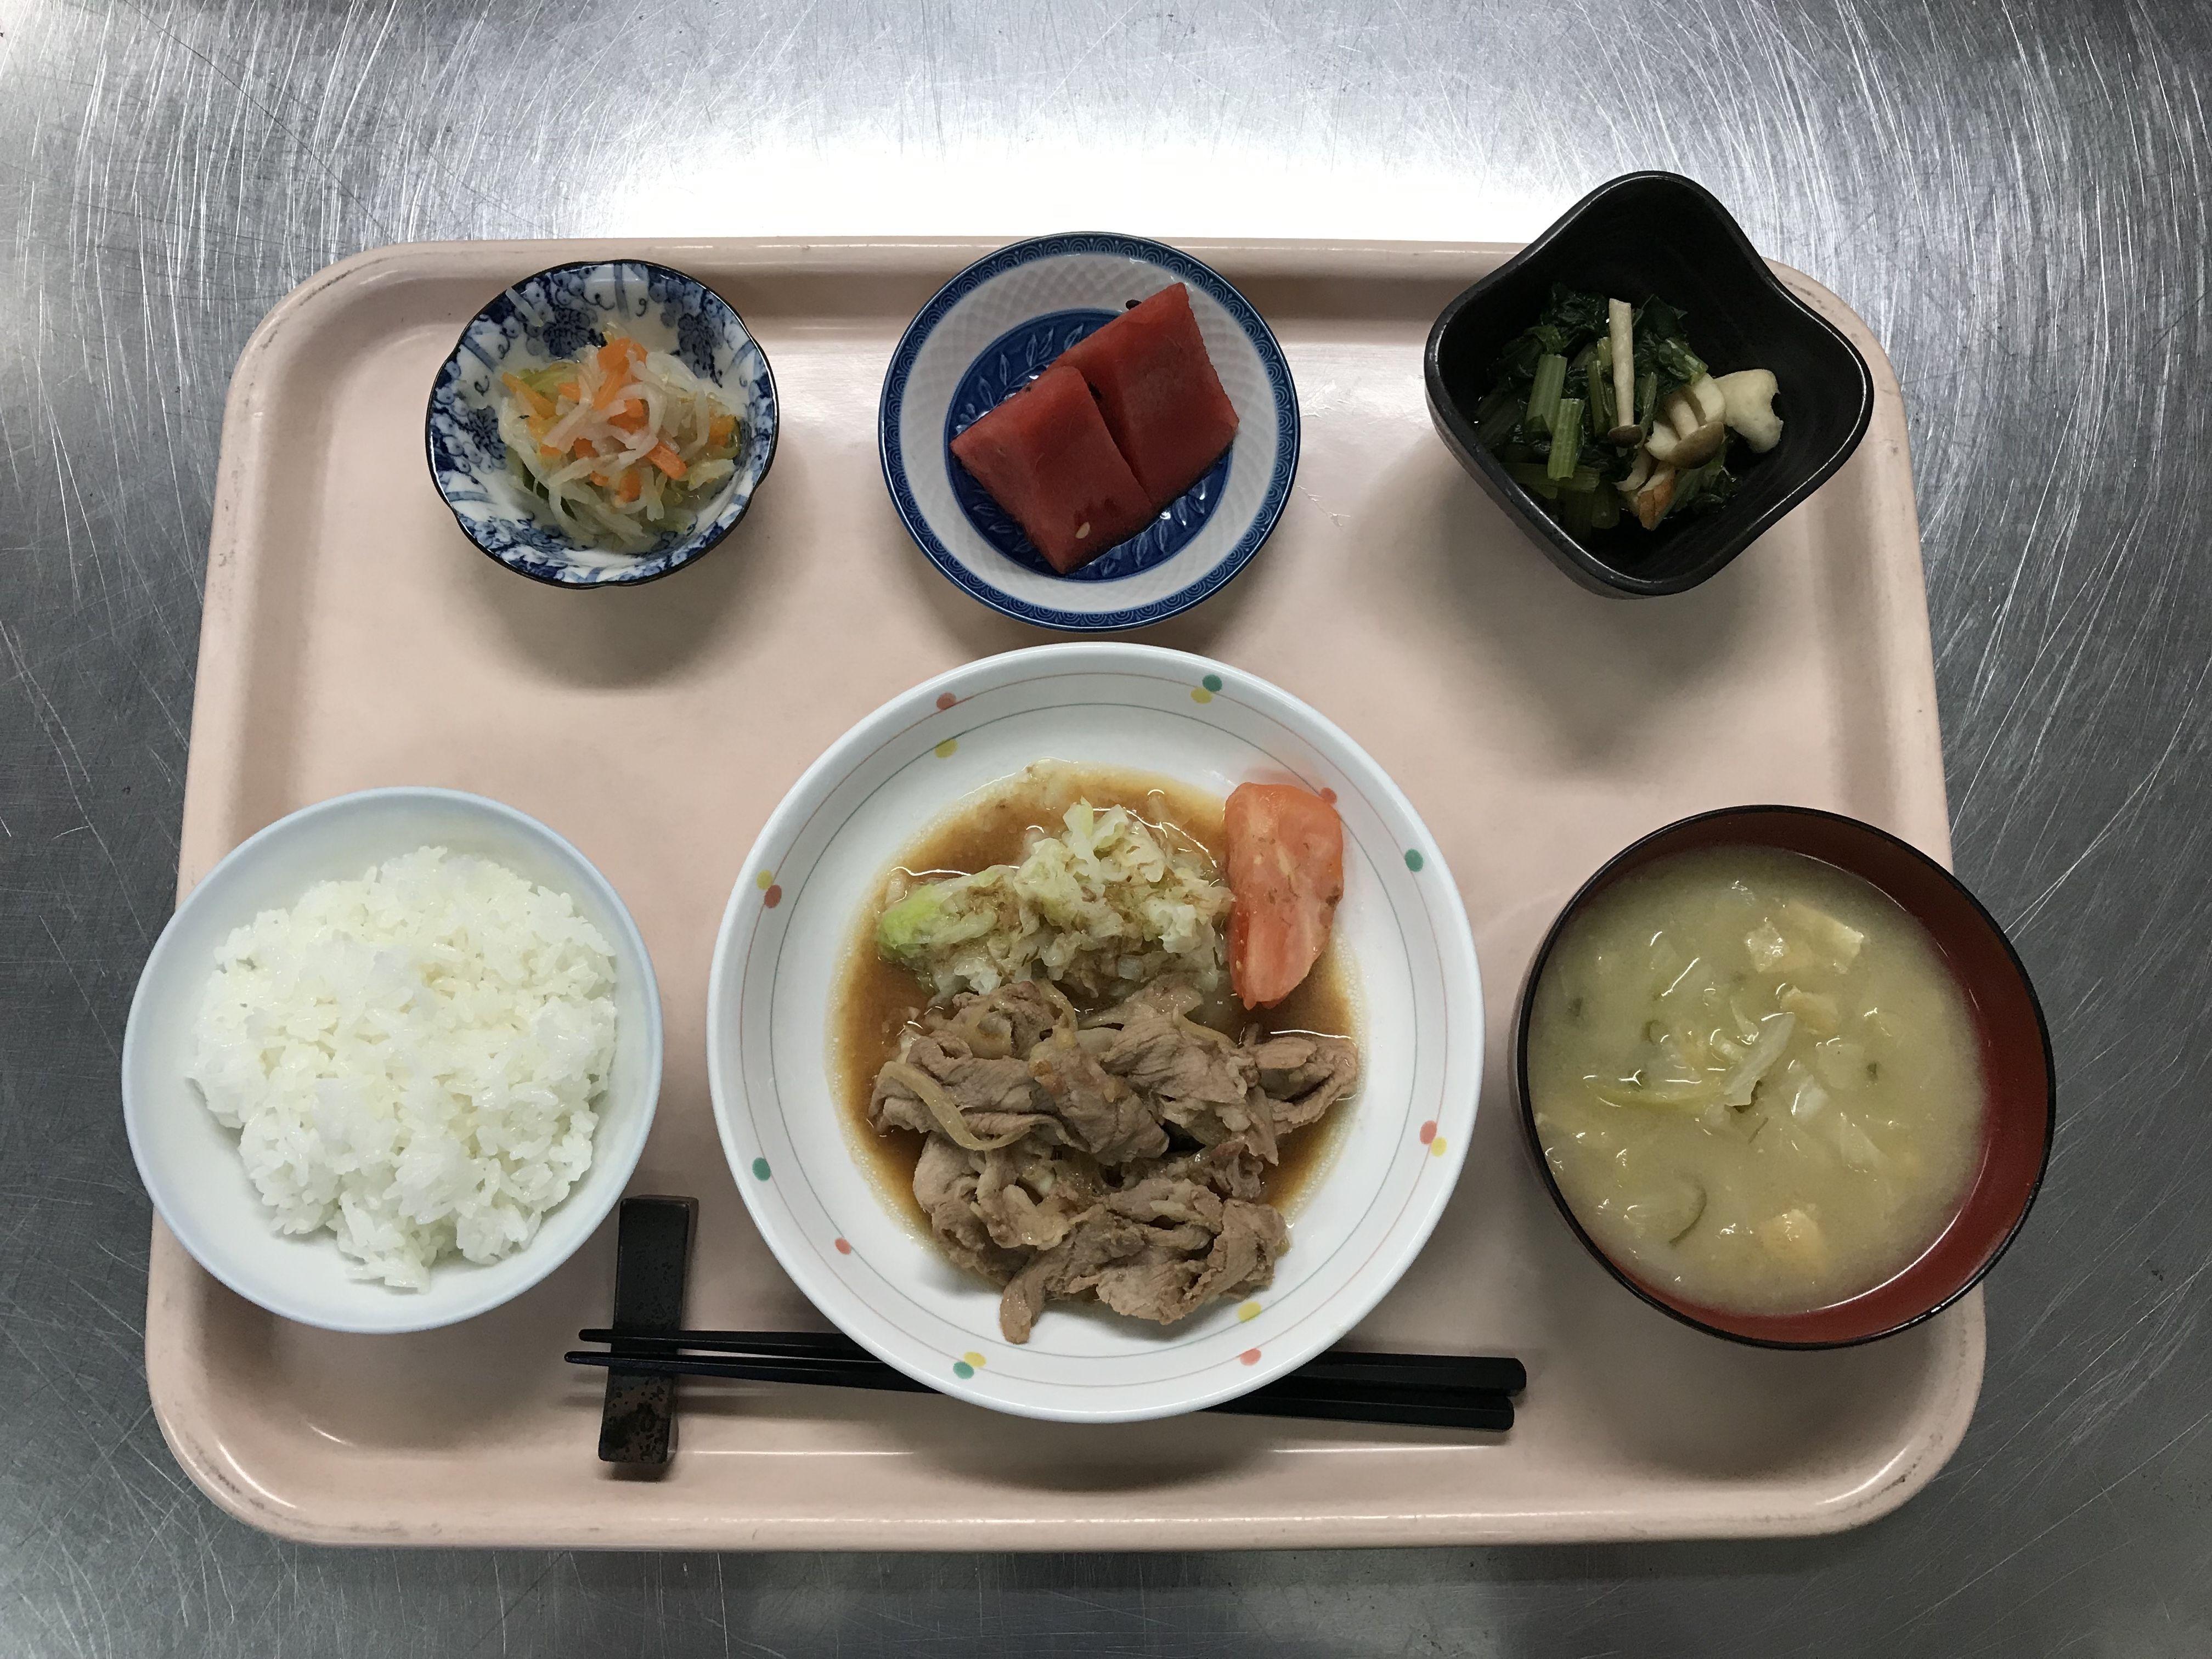 豚肉の生姜焼き、小松菜と竹輪の煮浸し、華風酢の物、キャベツと揚げの味噌汁、スイカでした!豚肉の生姜焼きが特に美味しかったです!608カロリーです